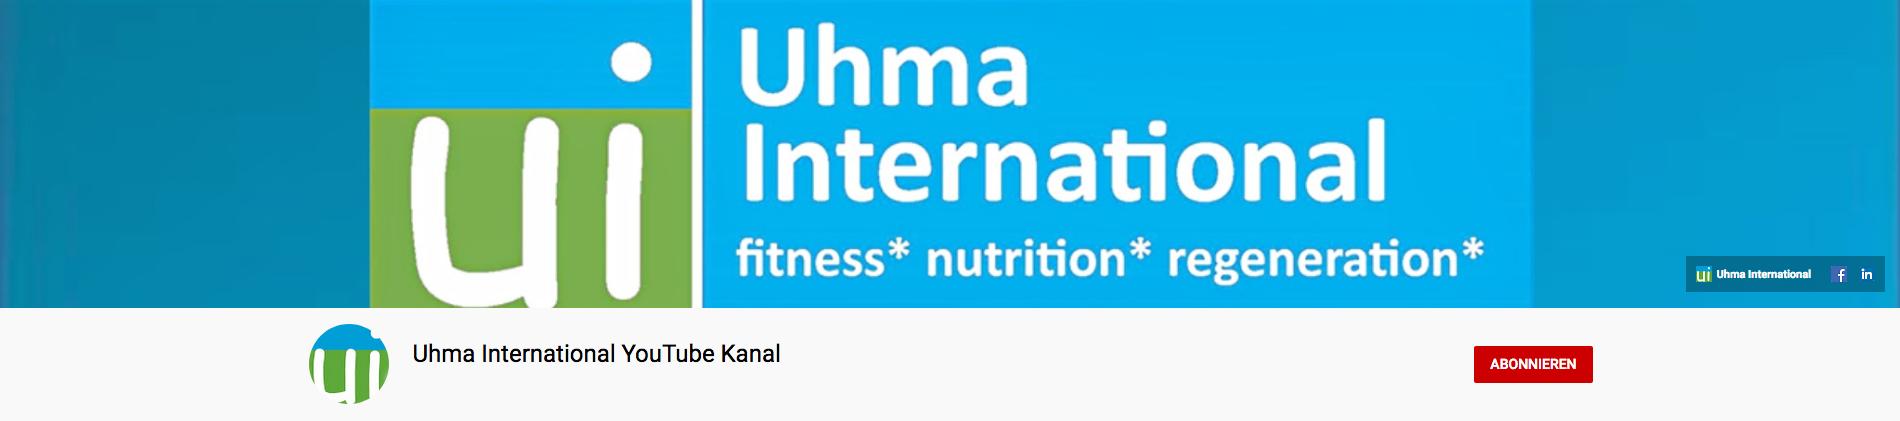 Banner des youTube-Kanals von uhma-international